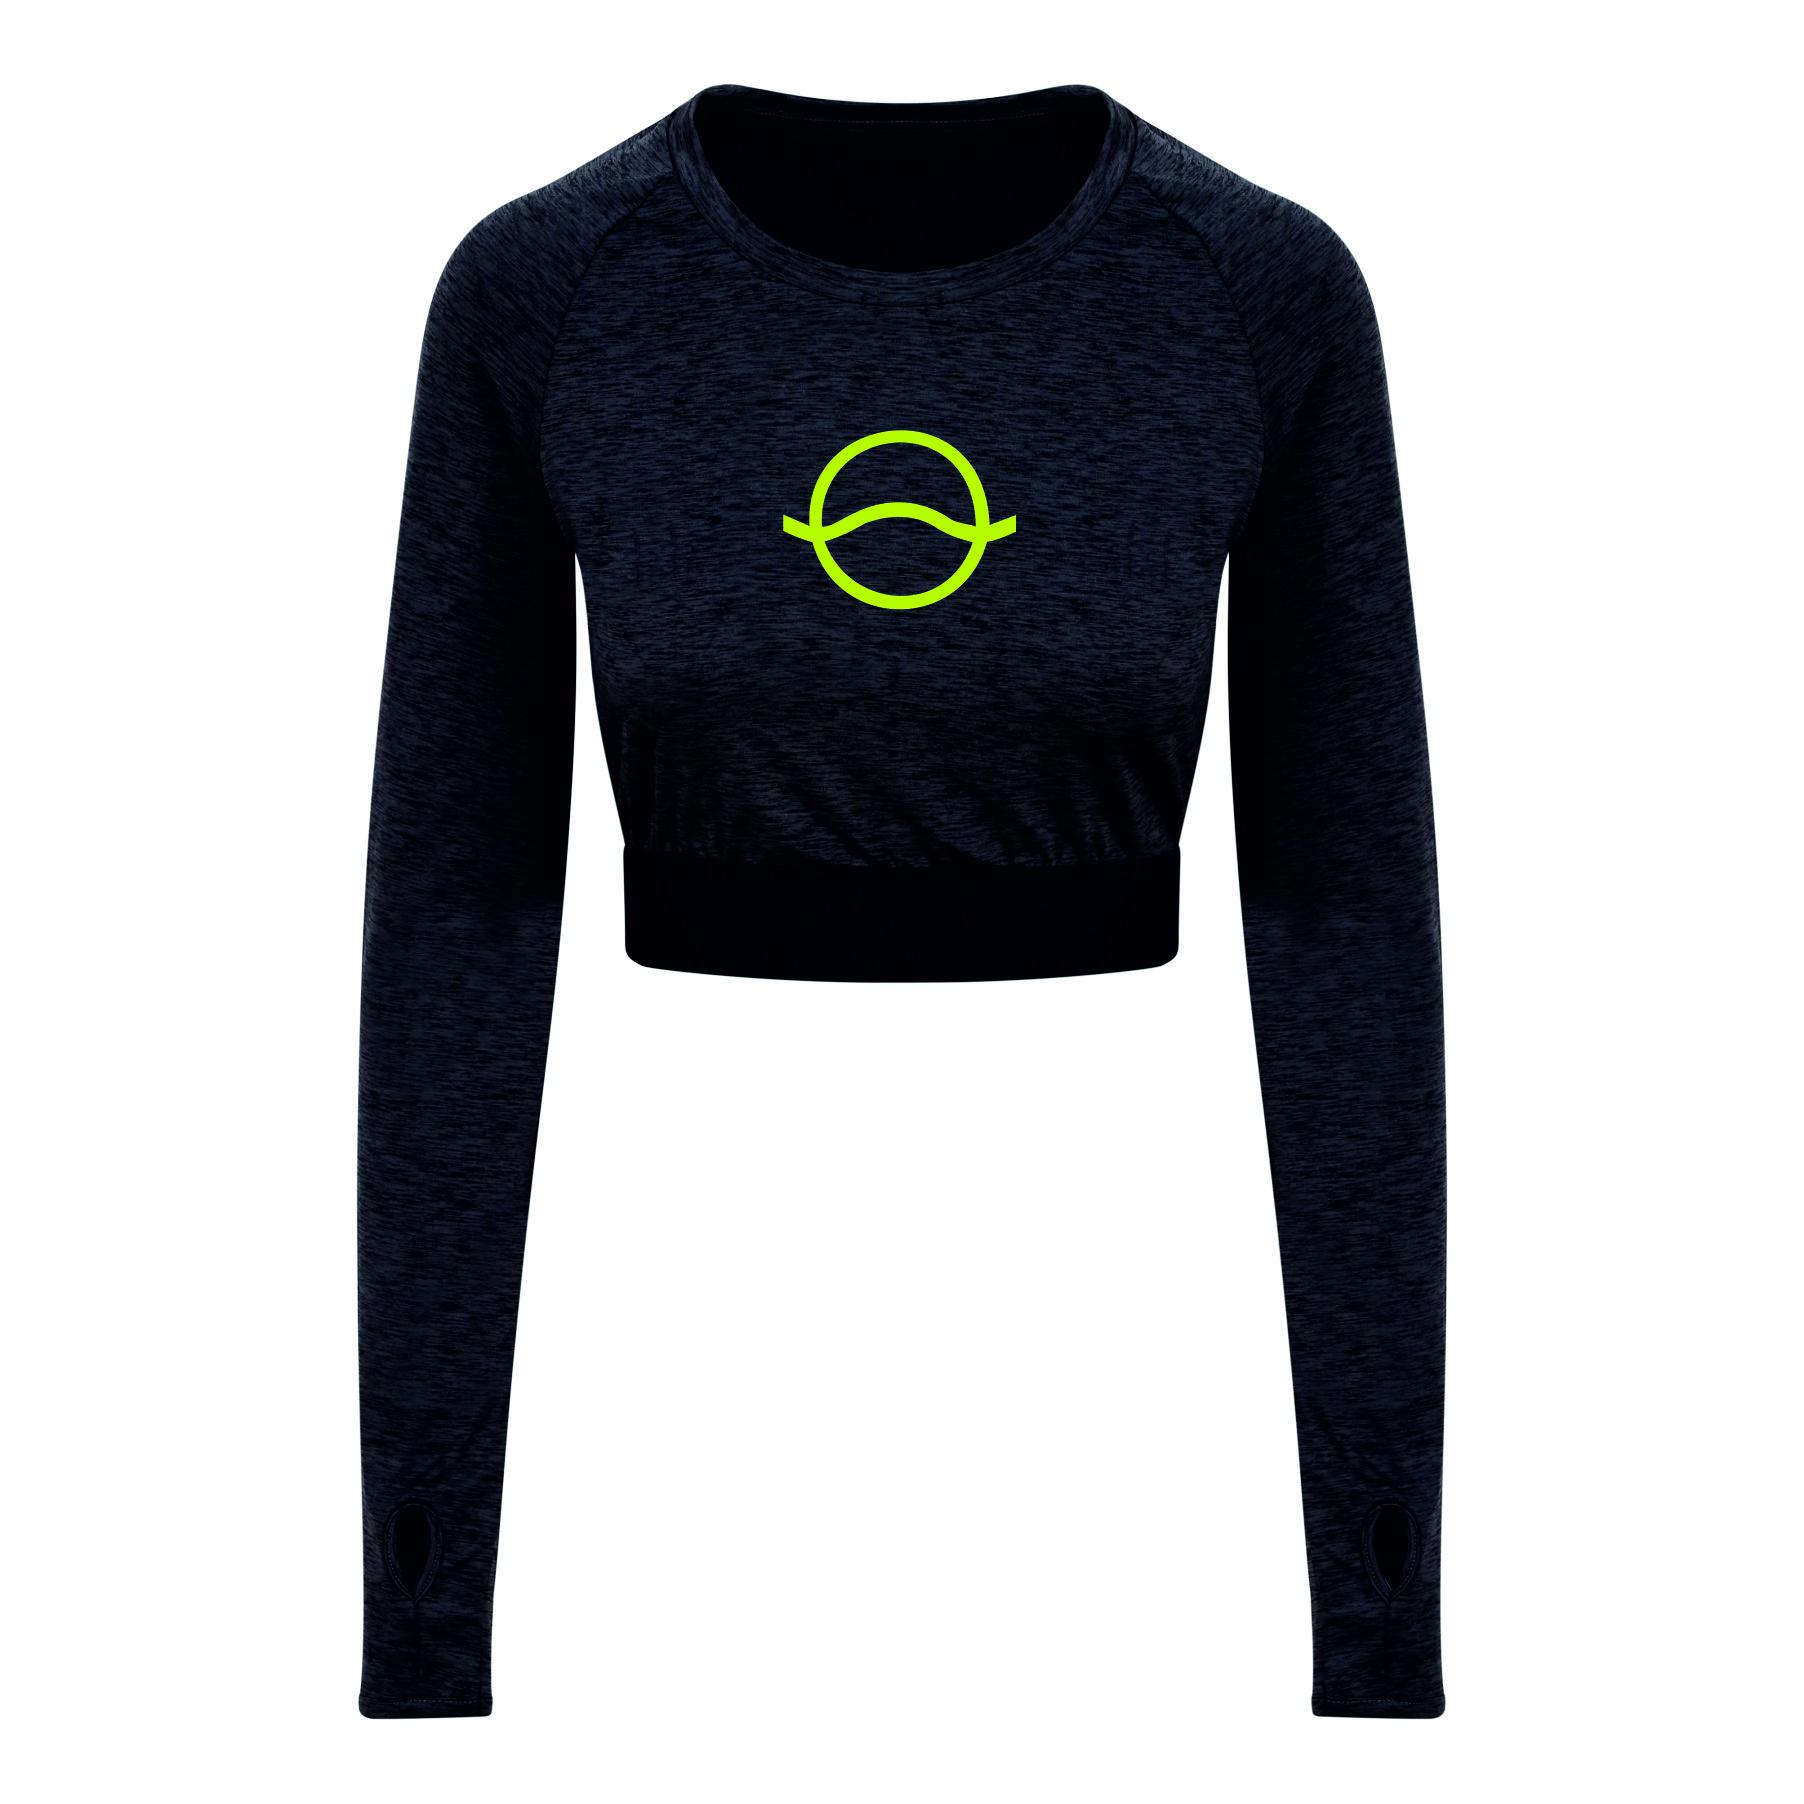 c477c95db2 Vibe Long Sleeve Crop T-Shirt – Vibe